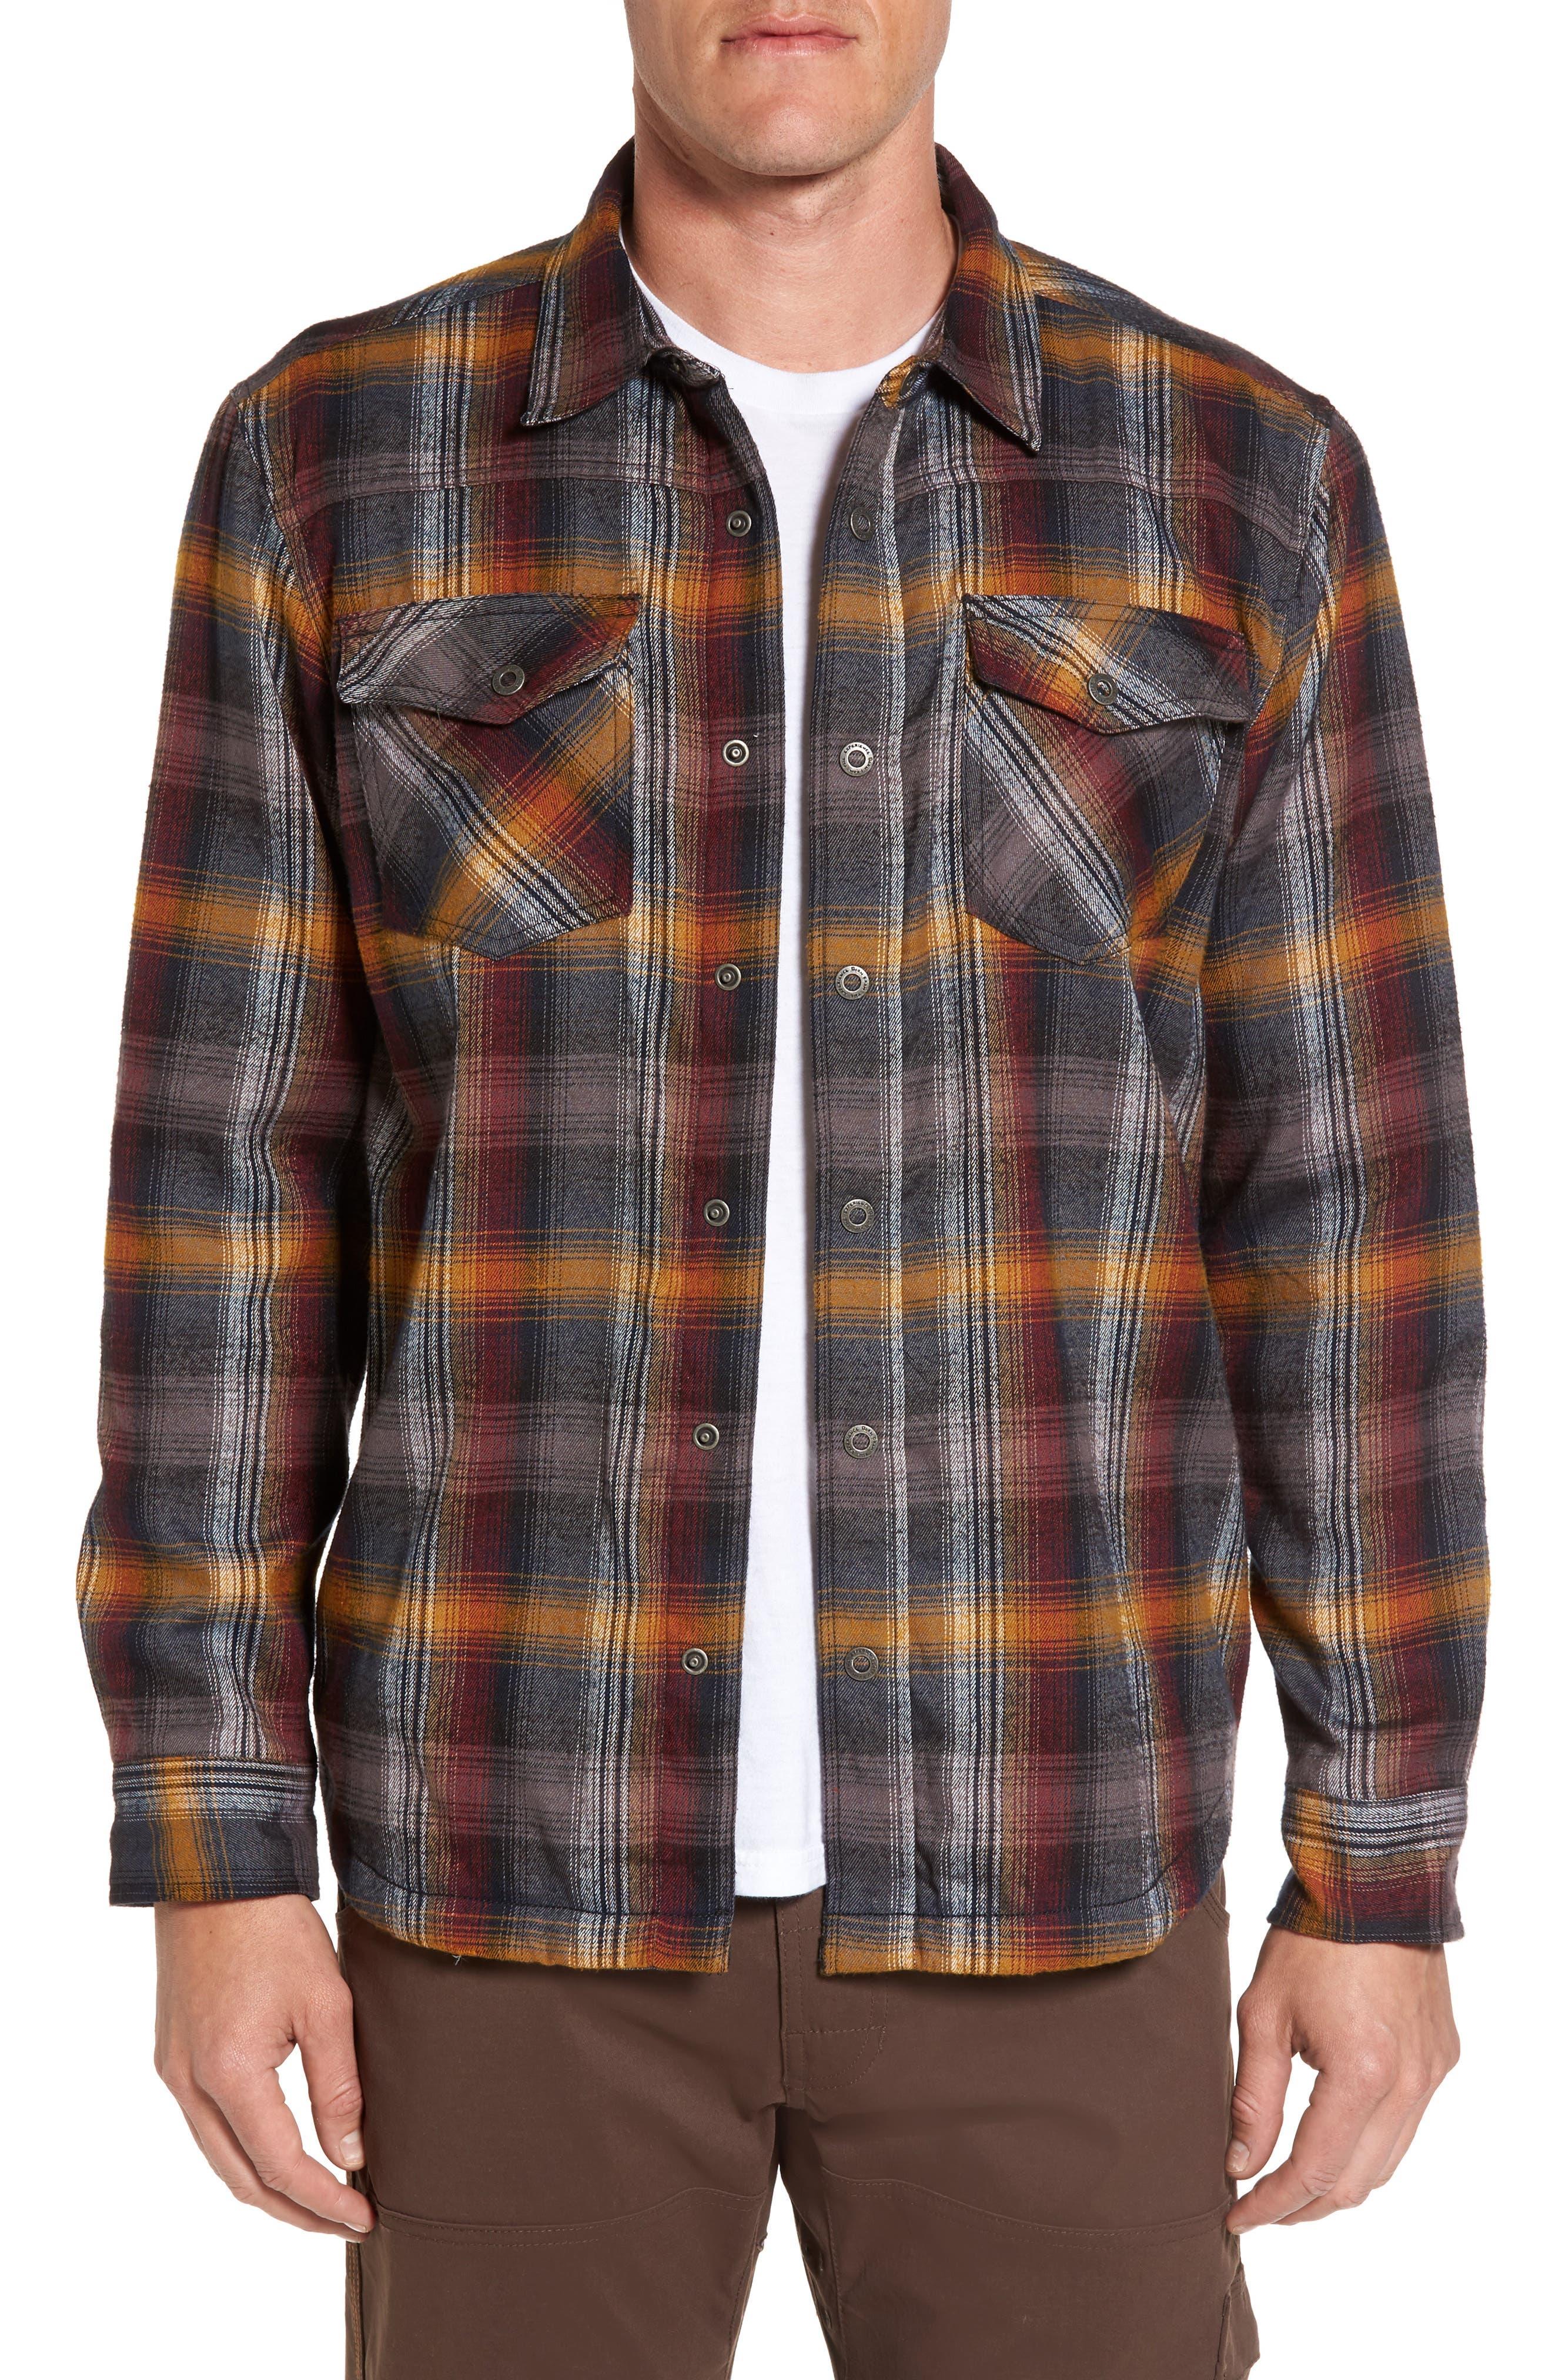 Main Image - prAna Asylum Regular Fit Plaid Shirt Jacket